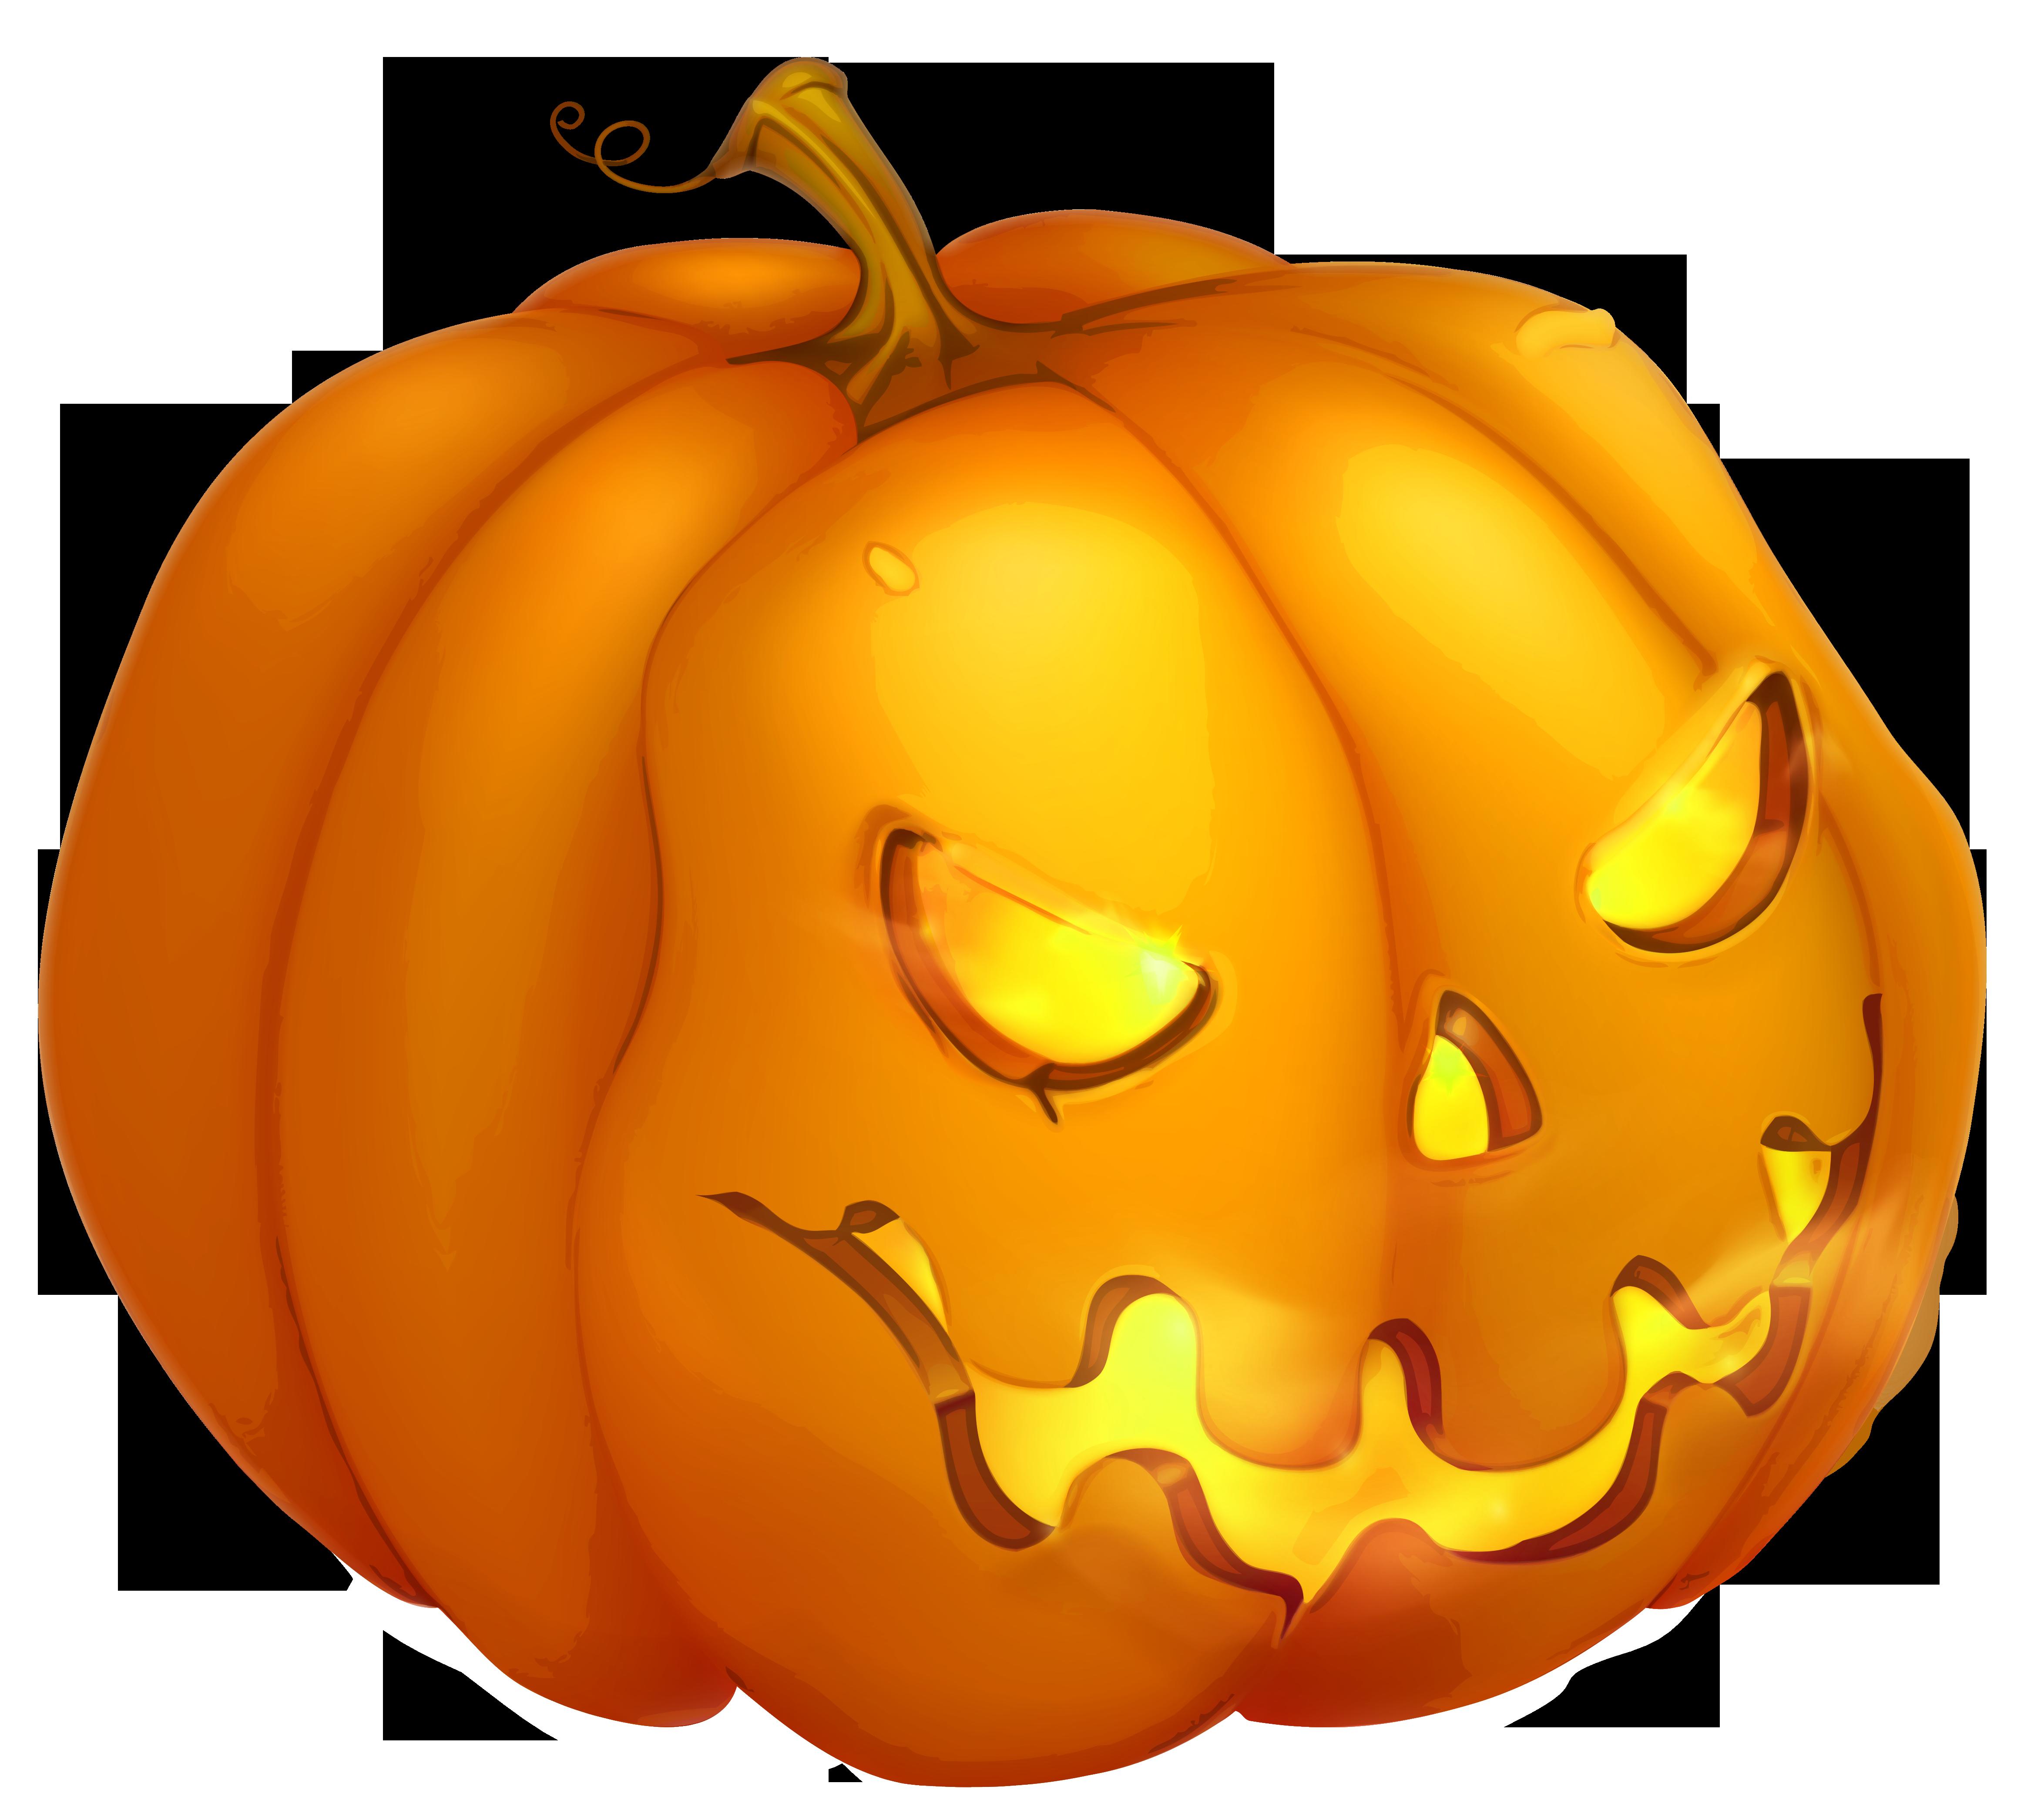 Halloween evil png image. Cookies clipart pumpkin cookie